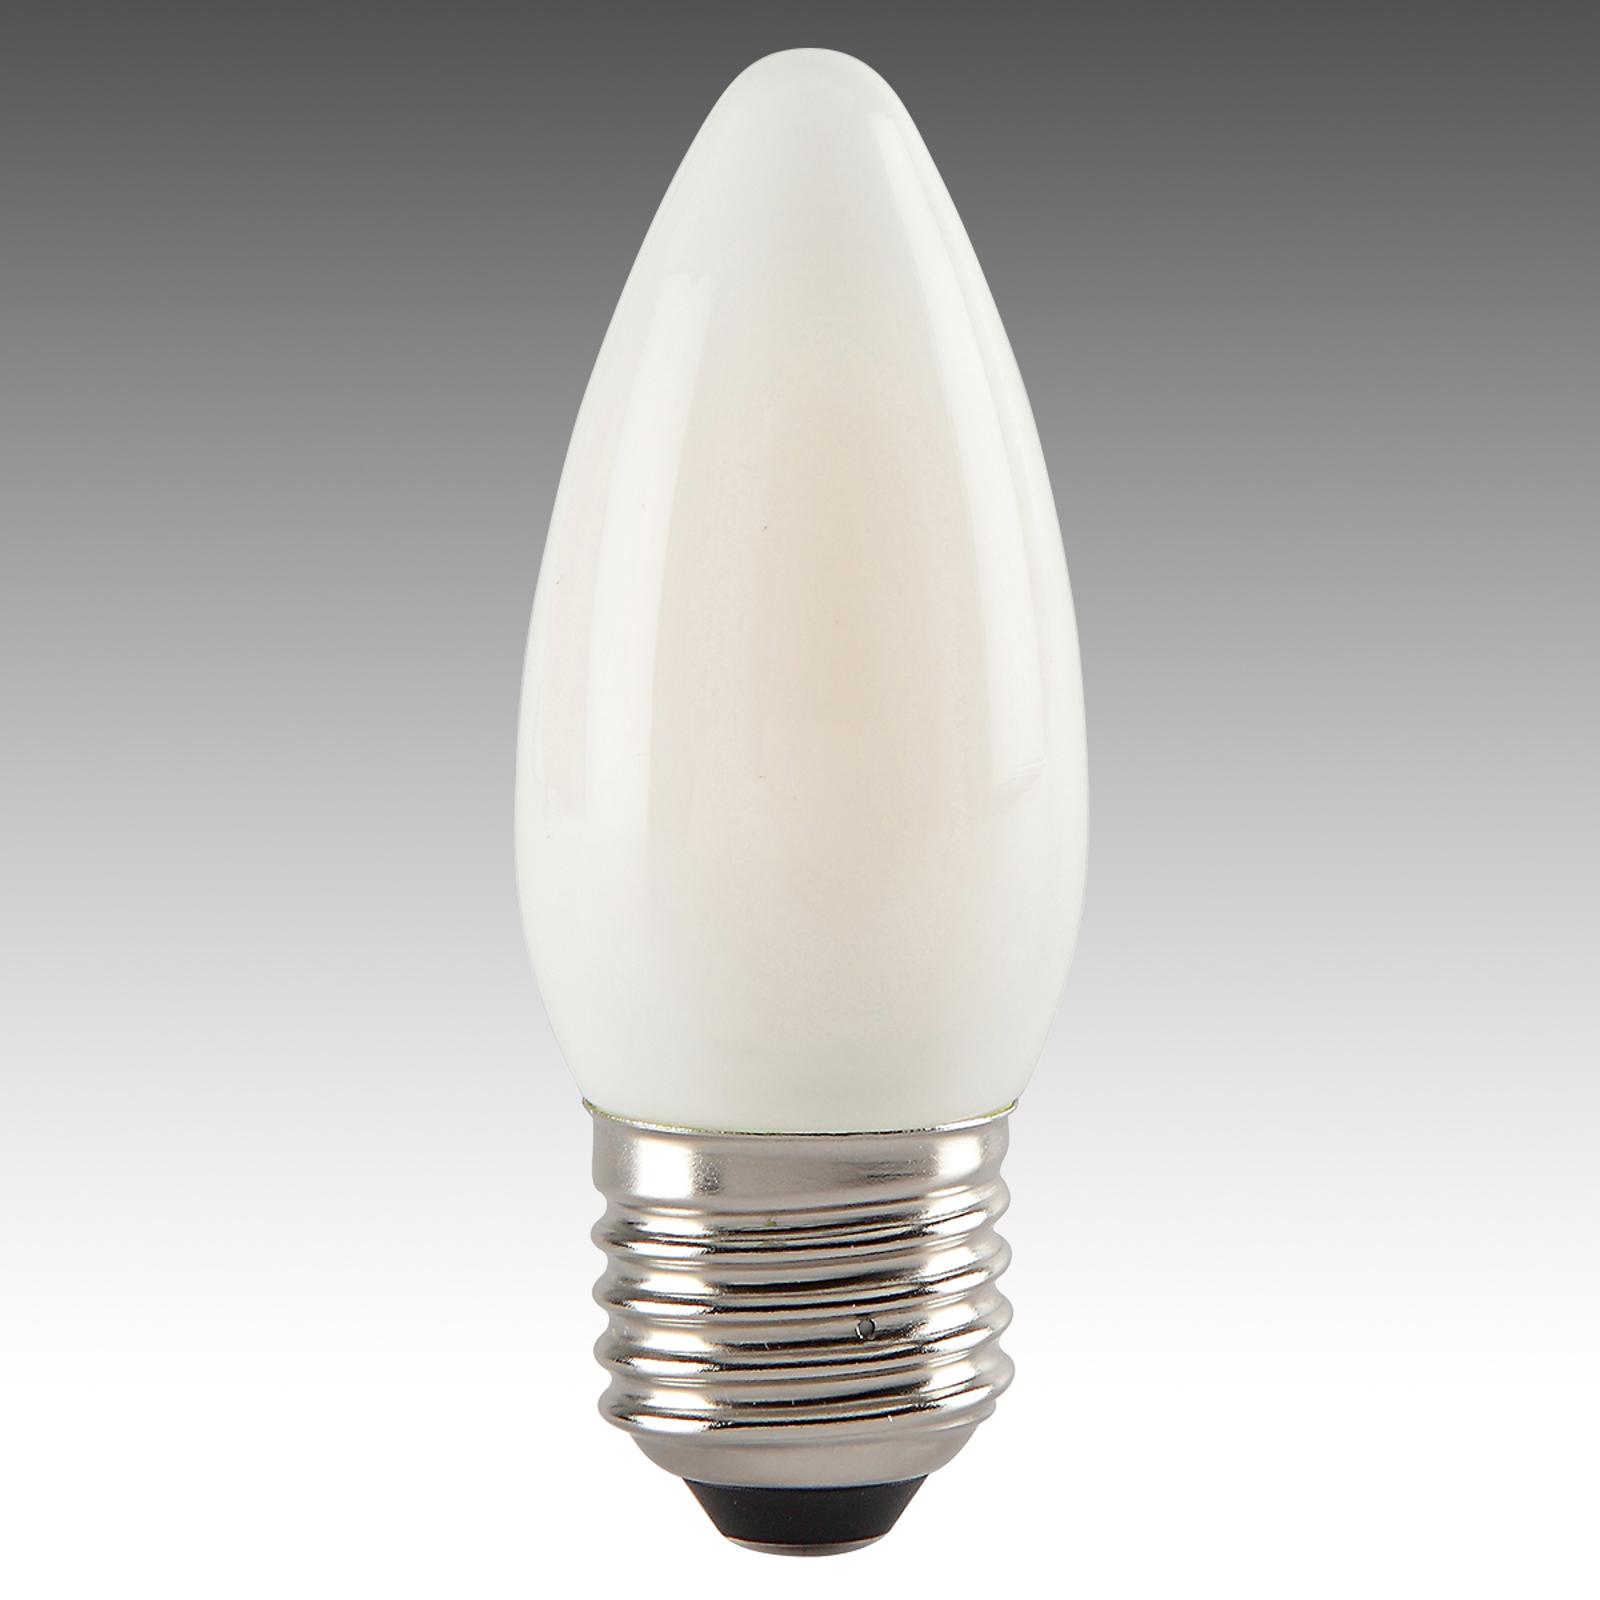 LED-Kerzenlampe E27 4,5W 827 satiniert